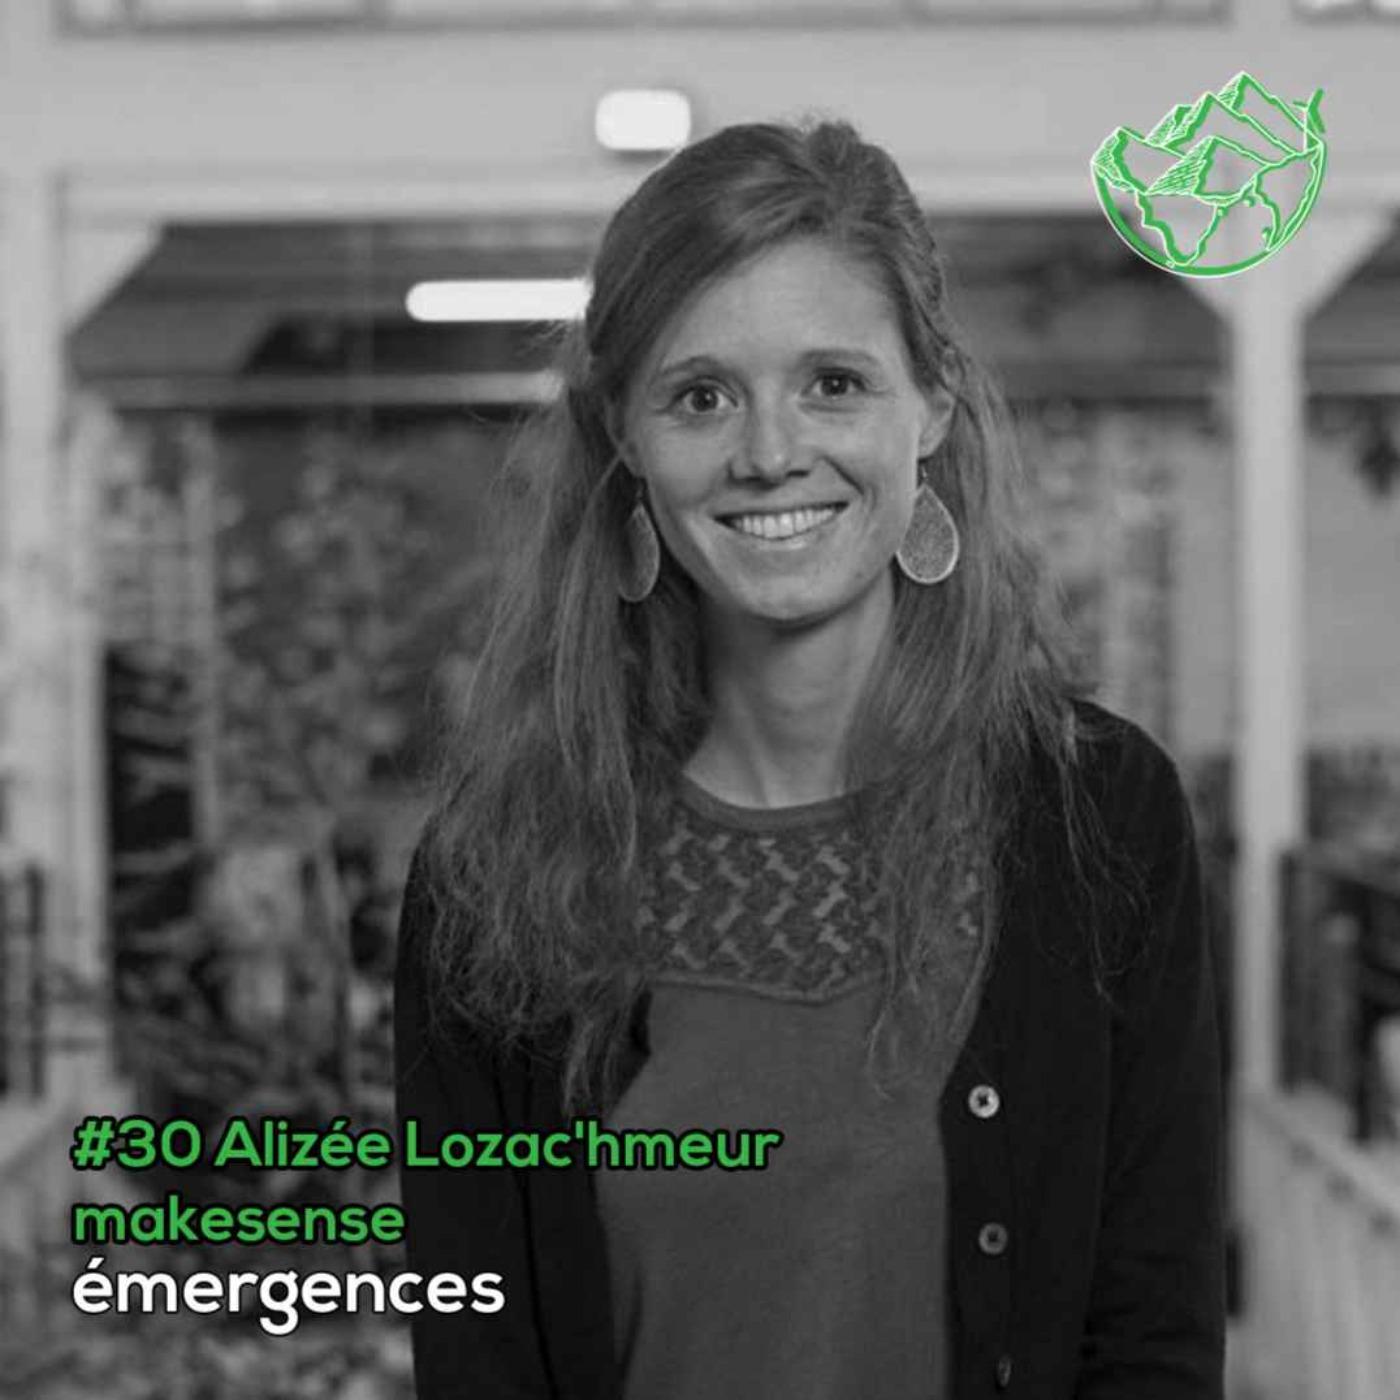 Emergences#30 – Alizée Lozac'hmeur – makesense - Mobiliser les citoyens, entreprises, institutions dans les luttes sociales et environnementales